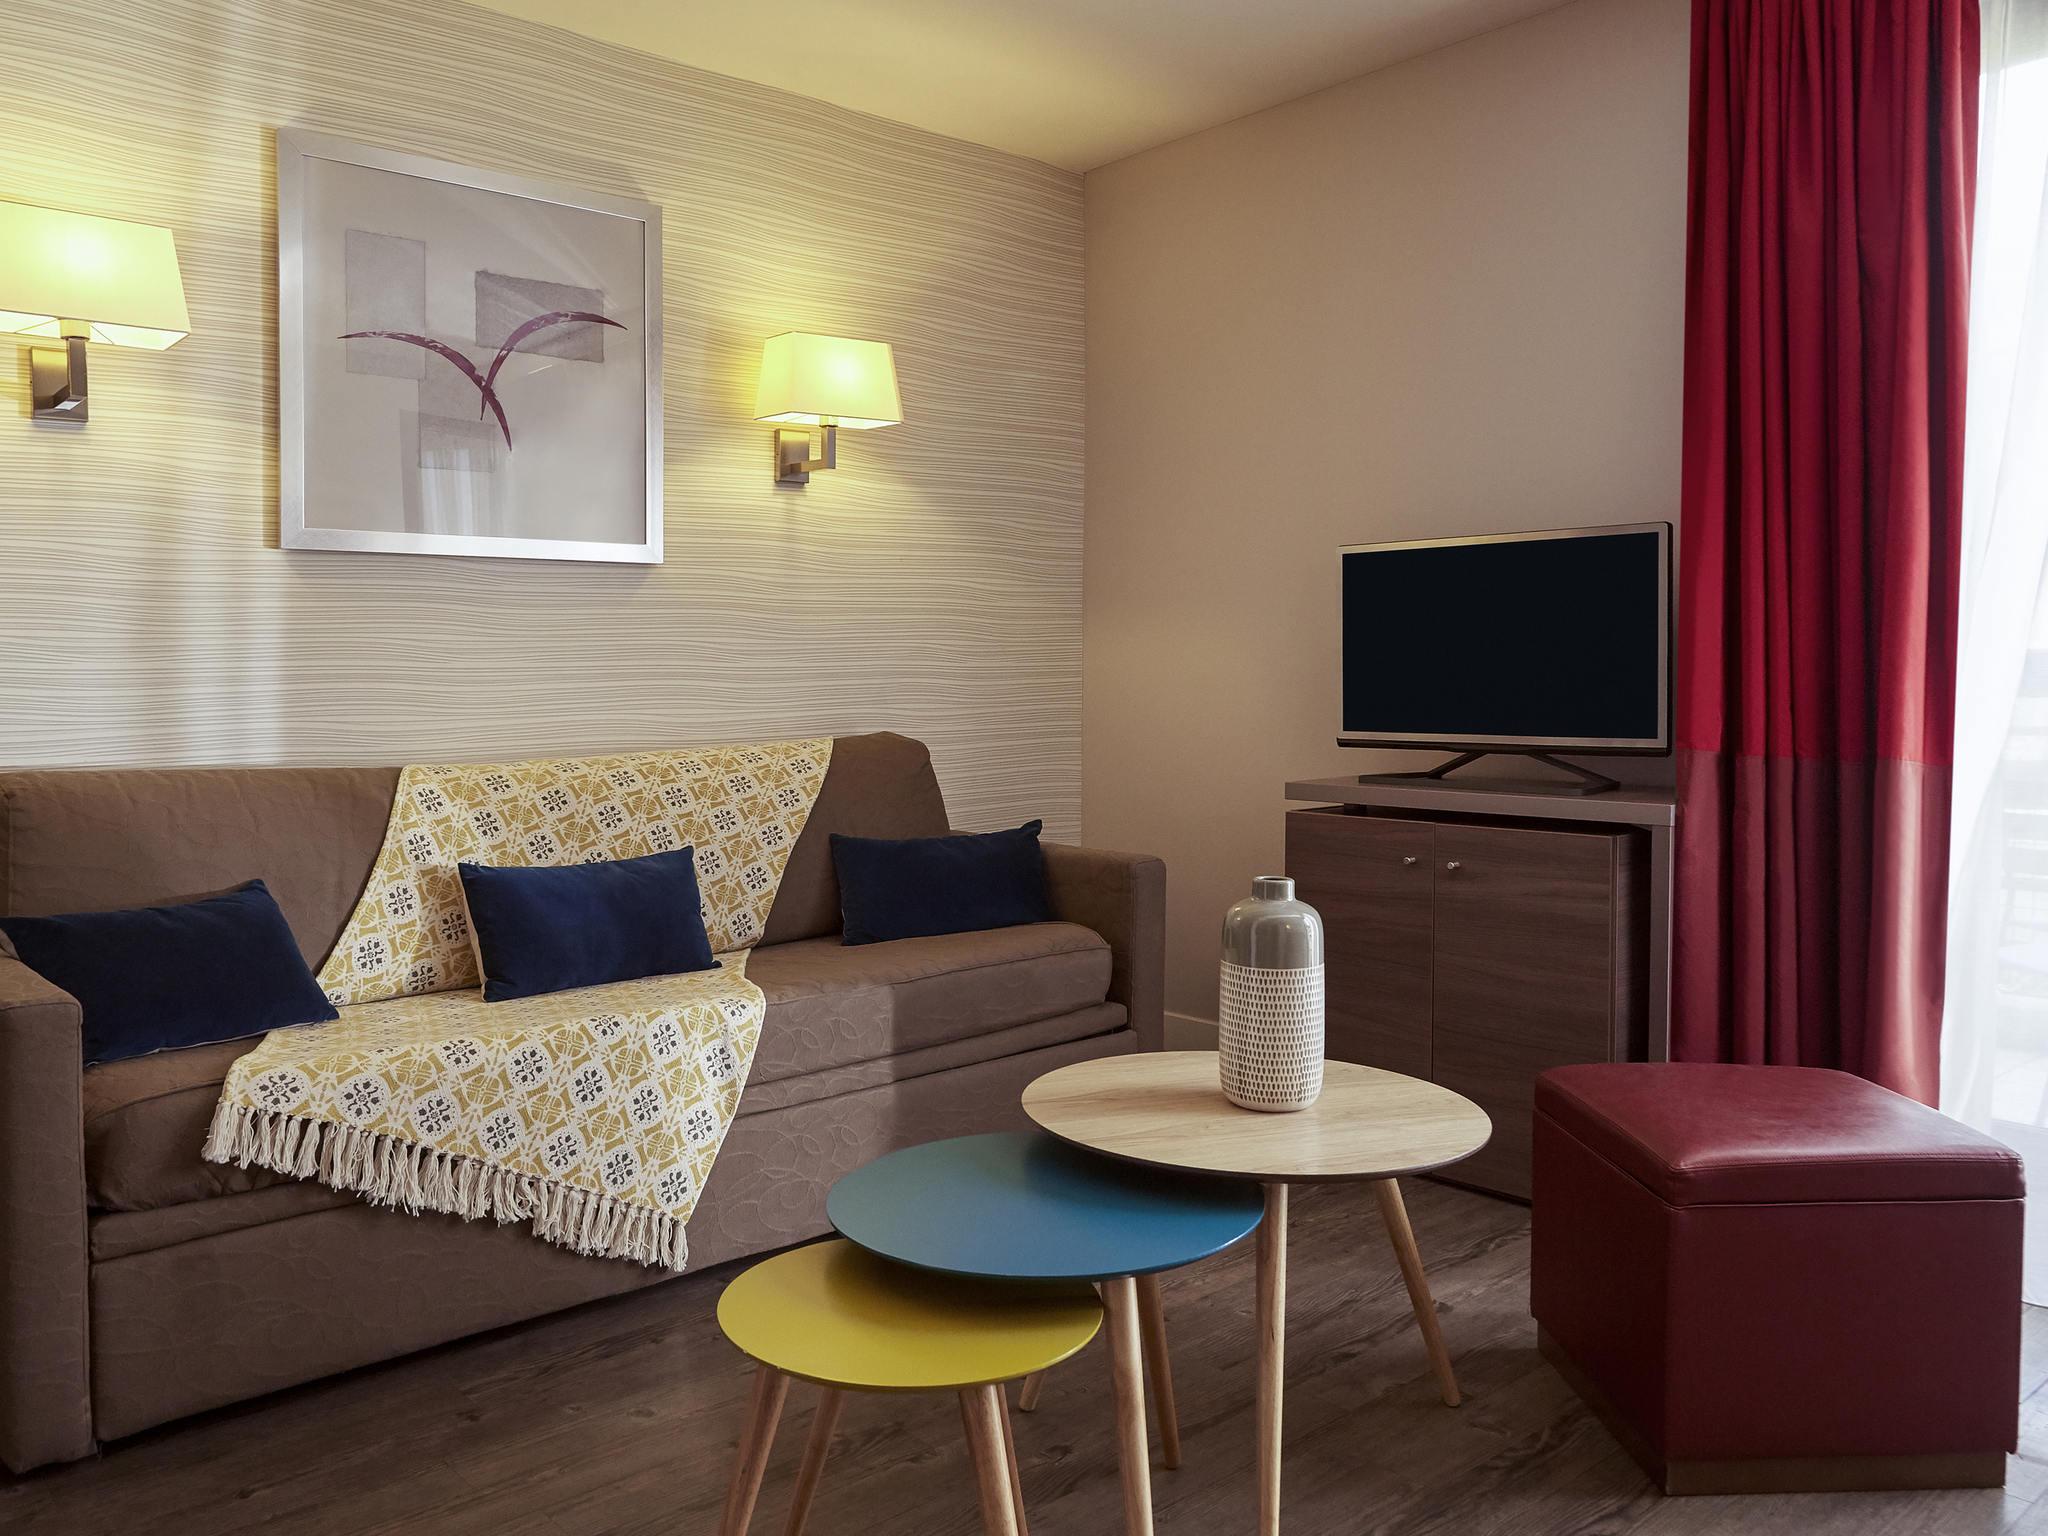 Hotel in aix en provence - Aparthotel Adagio Aix en Provence